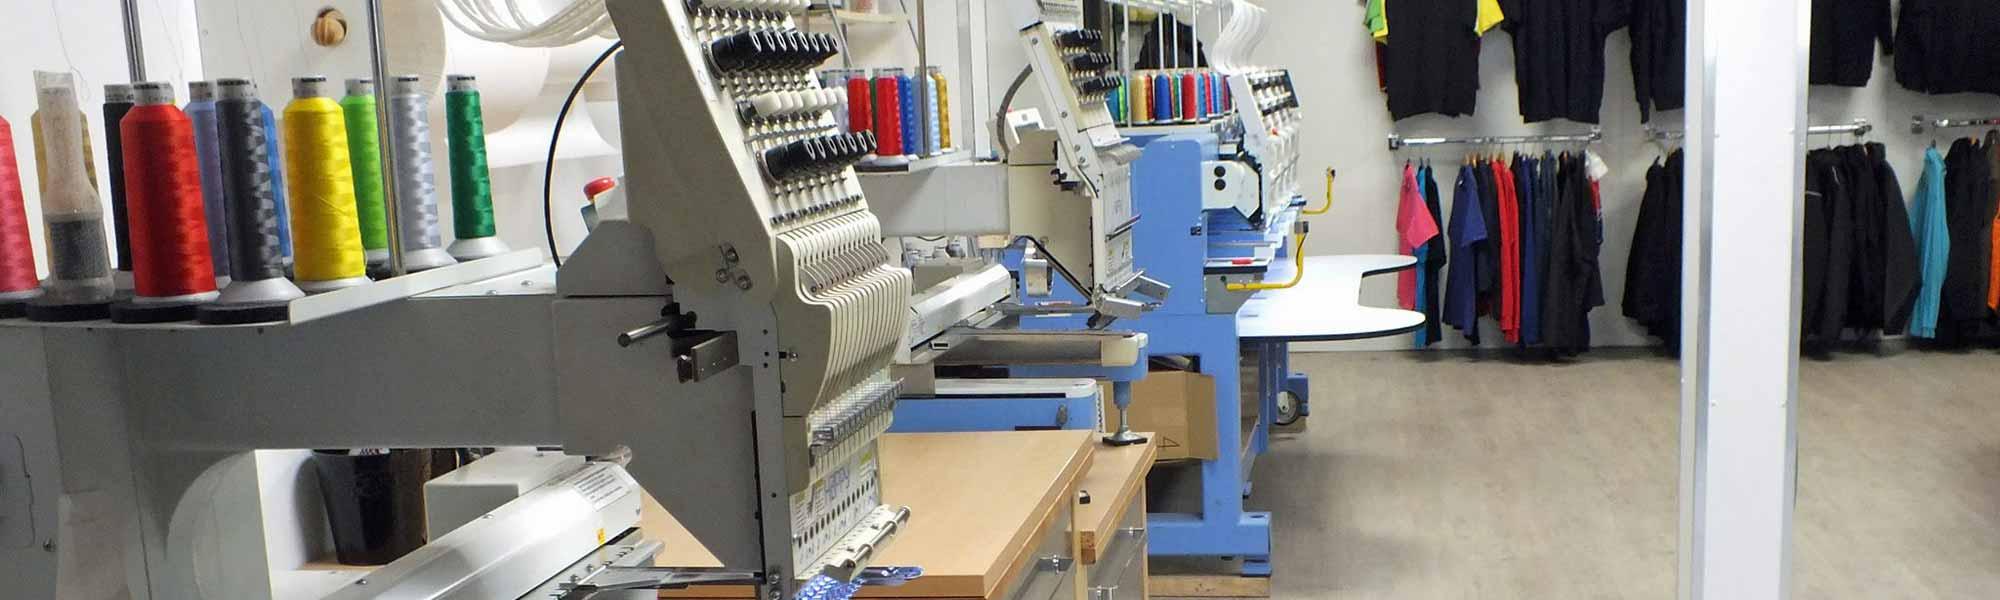 Speciaal borduurwerk en patches - Reclame en Borduurstudio An Zuidbroek